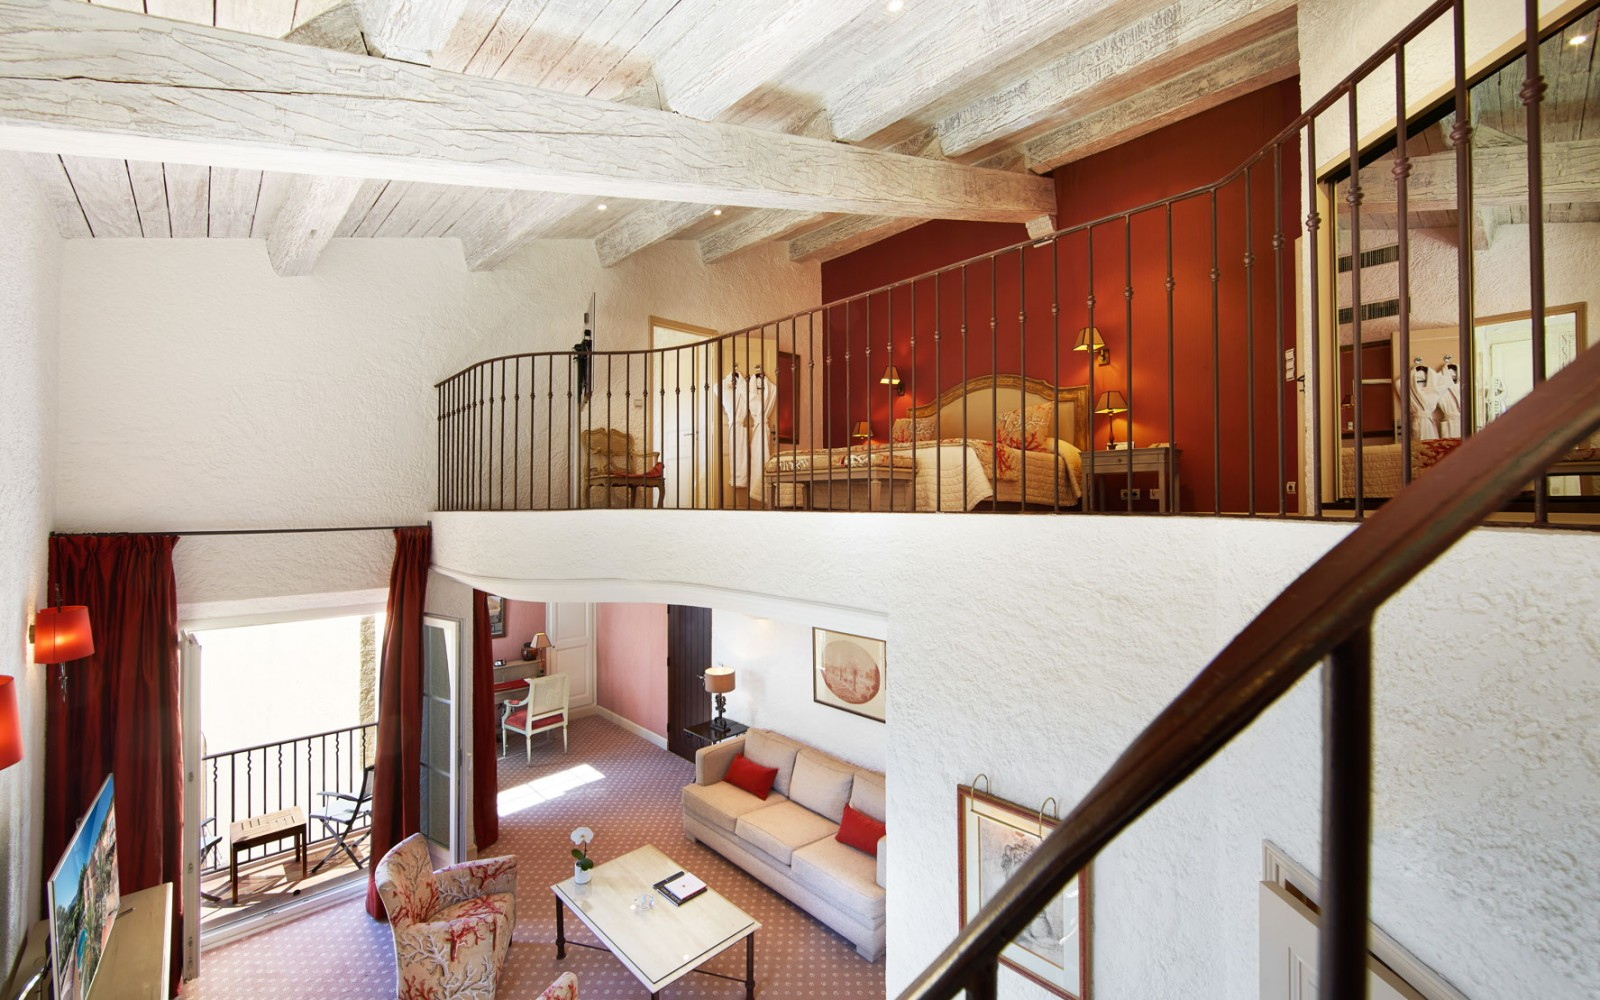 Hotel_Byblos_Saint-Tropez_Duplex-Suite-232-2